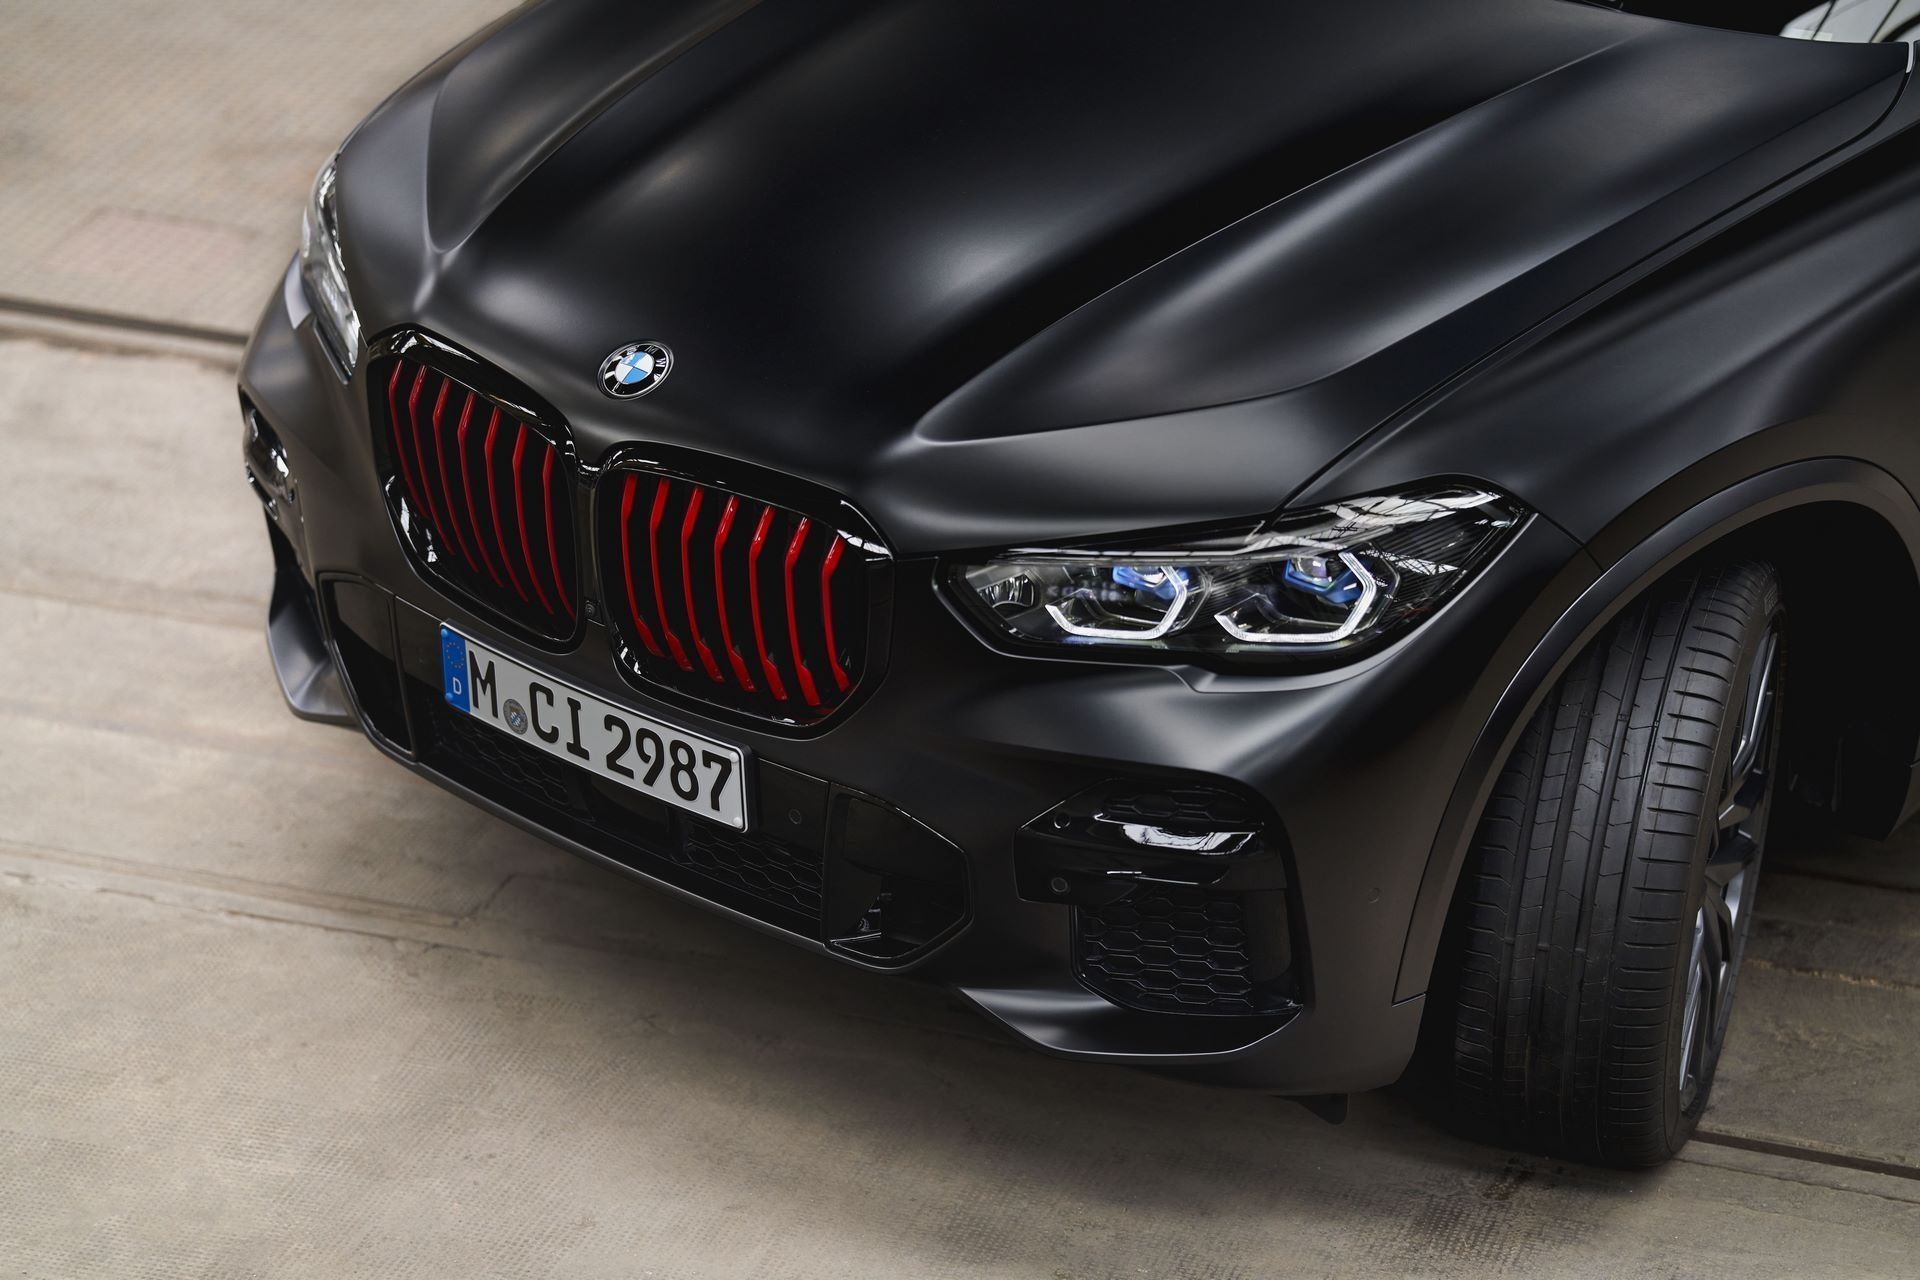 BMW-X5-Χ6-Black-Vermilion-X7-Limited-Edition-13